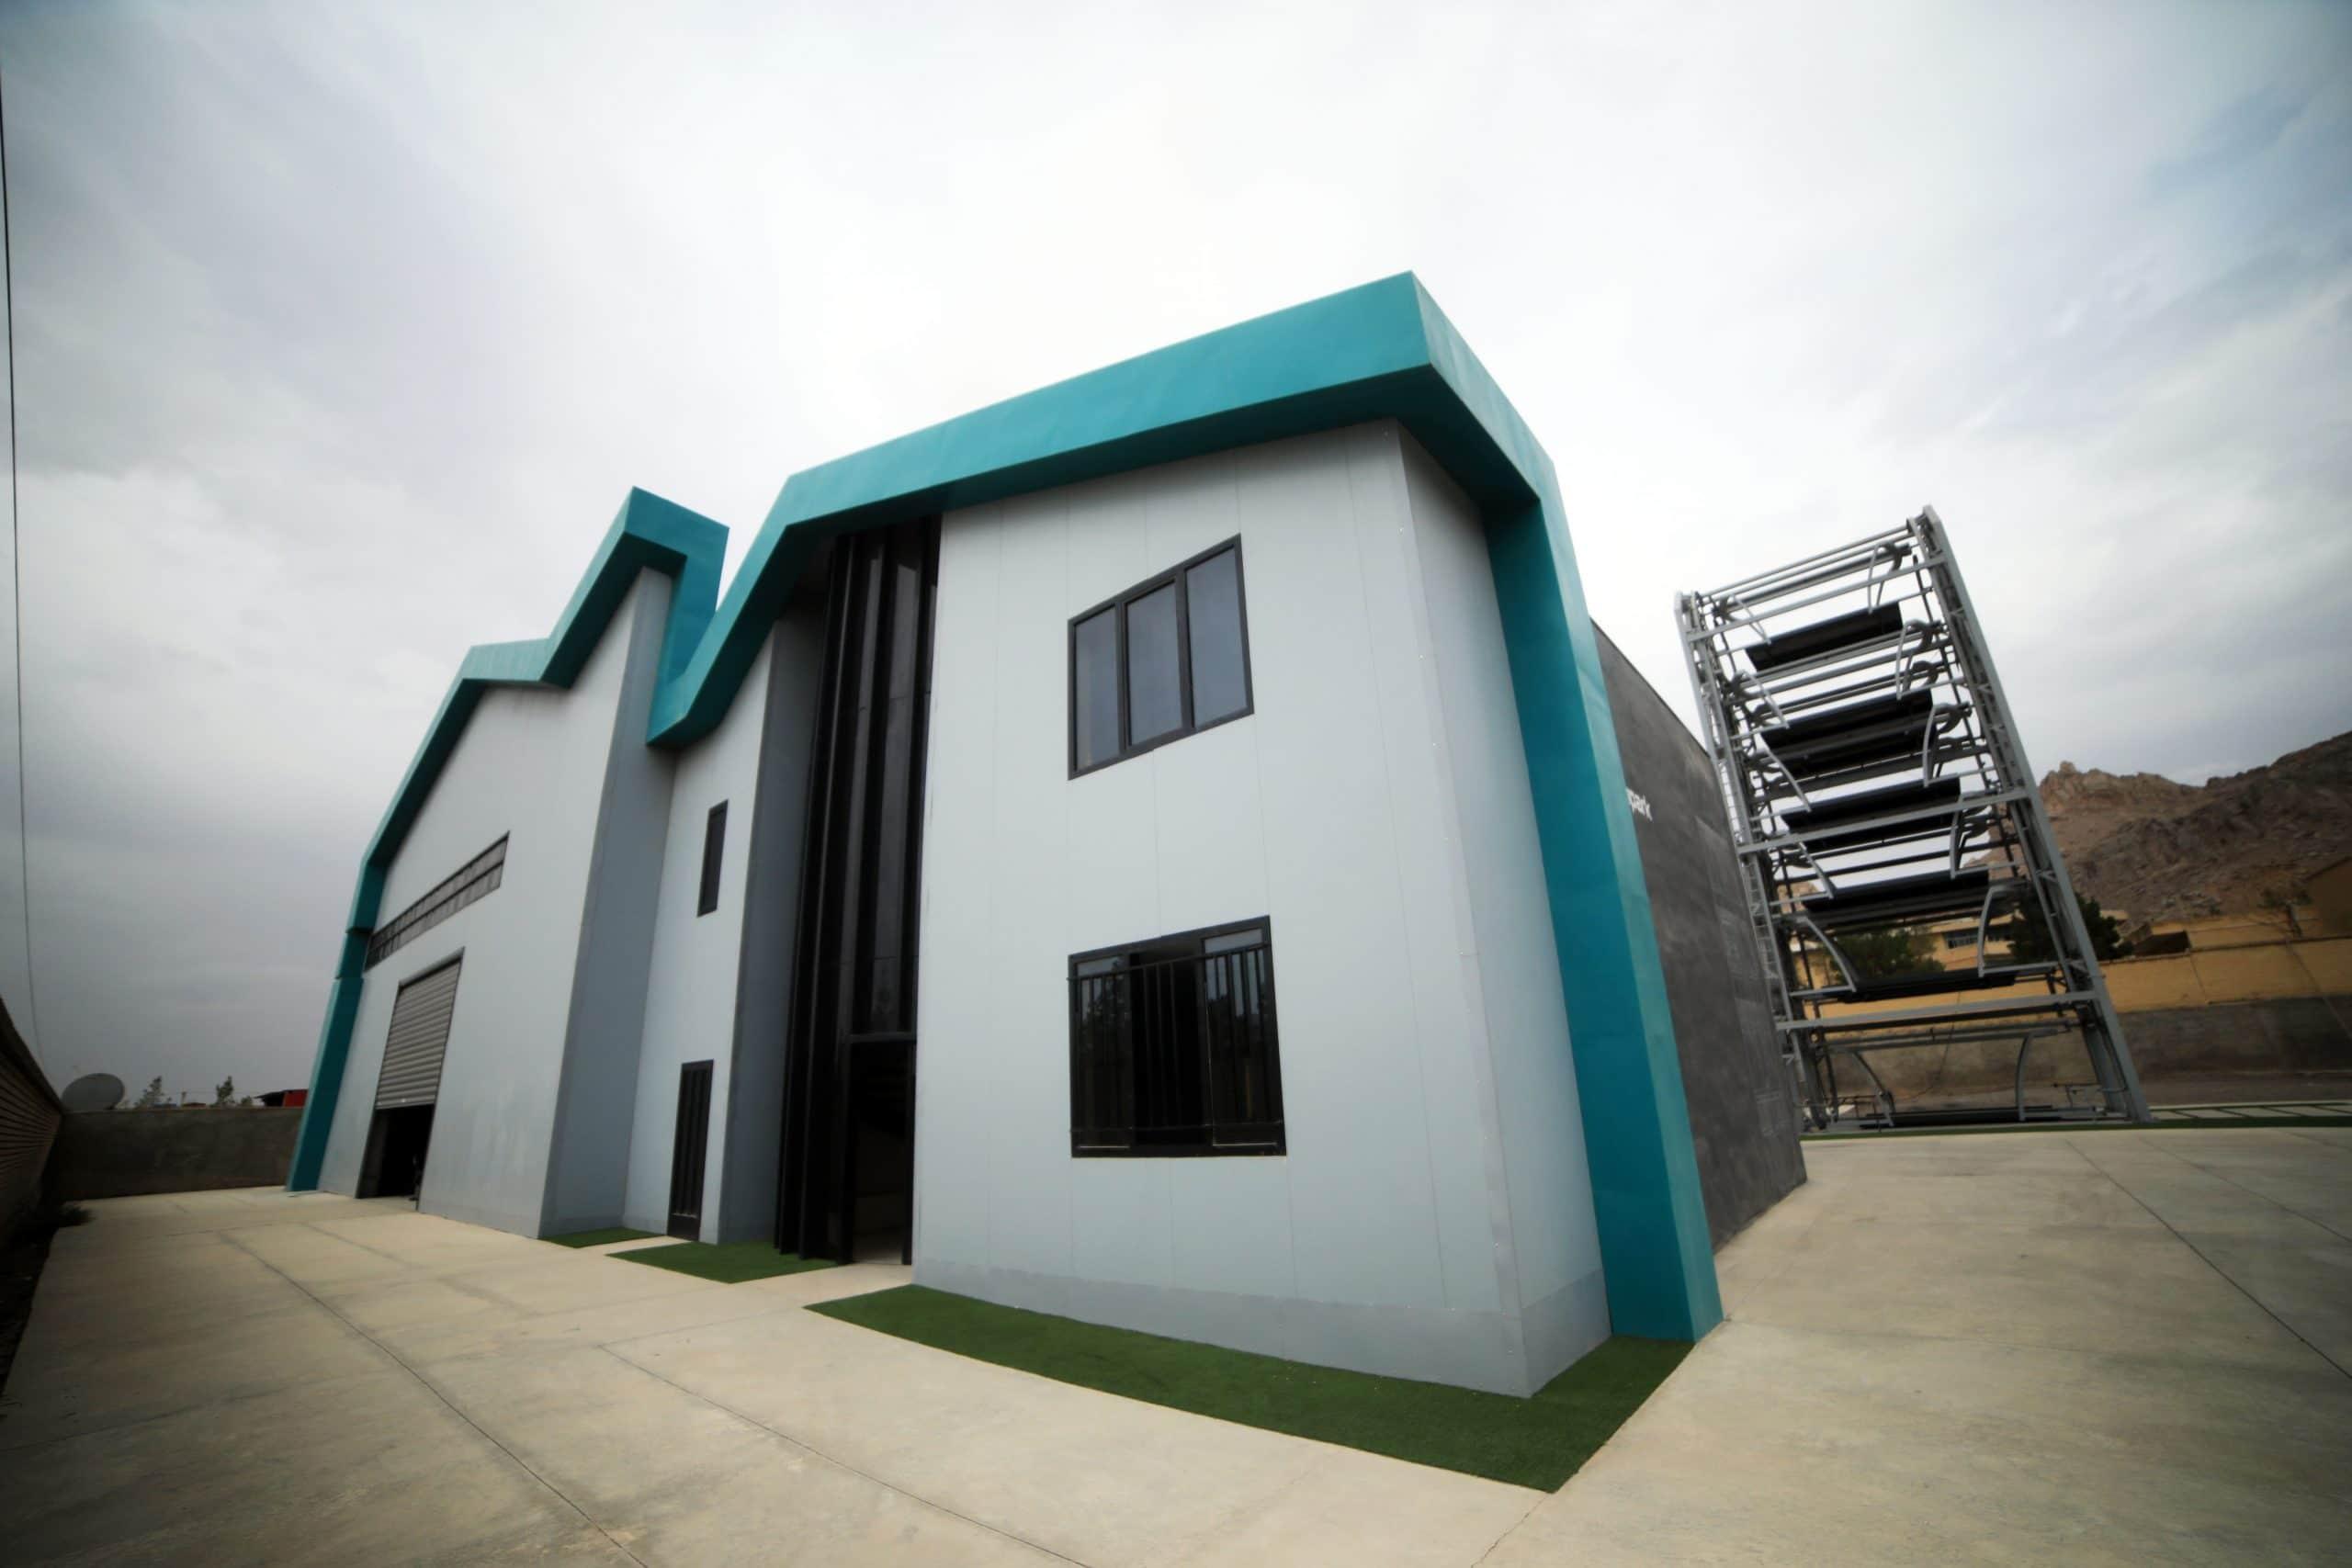 مجتمع صنعتی تولید پارکینگ مکانیزه اپتیم پارک